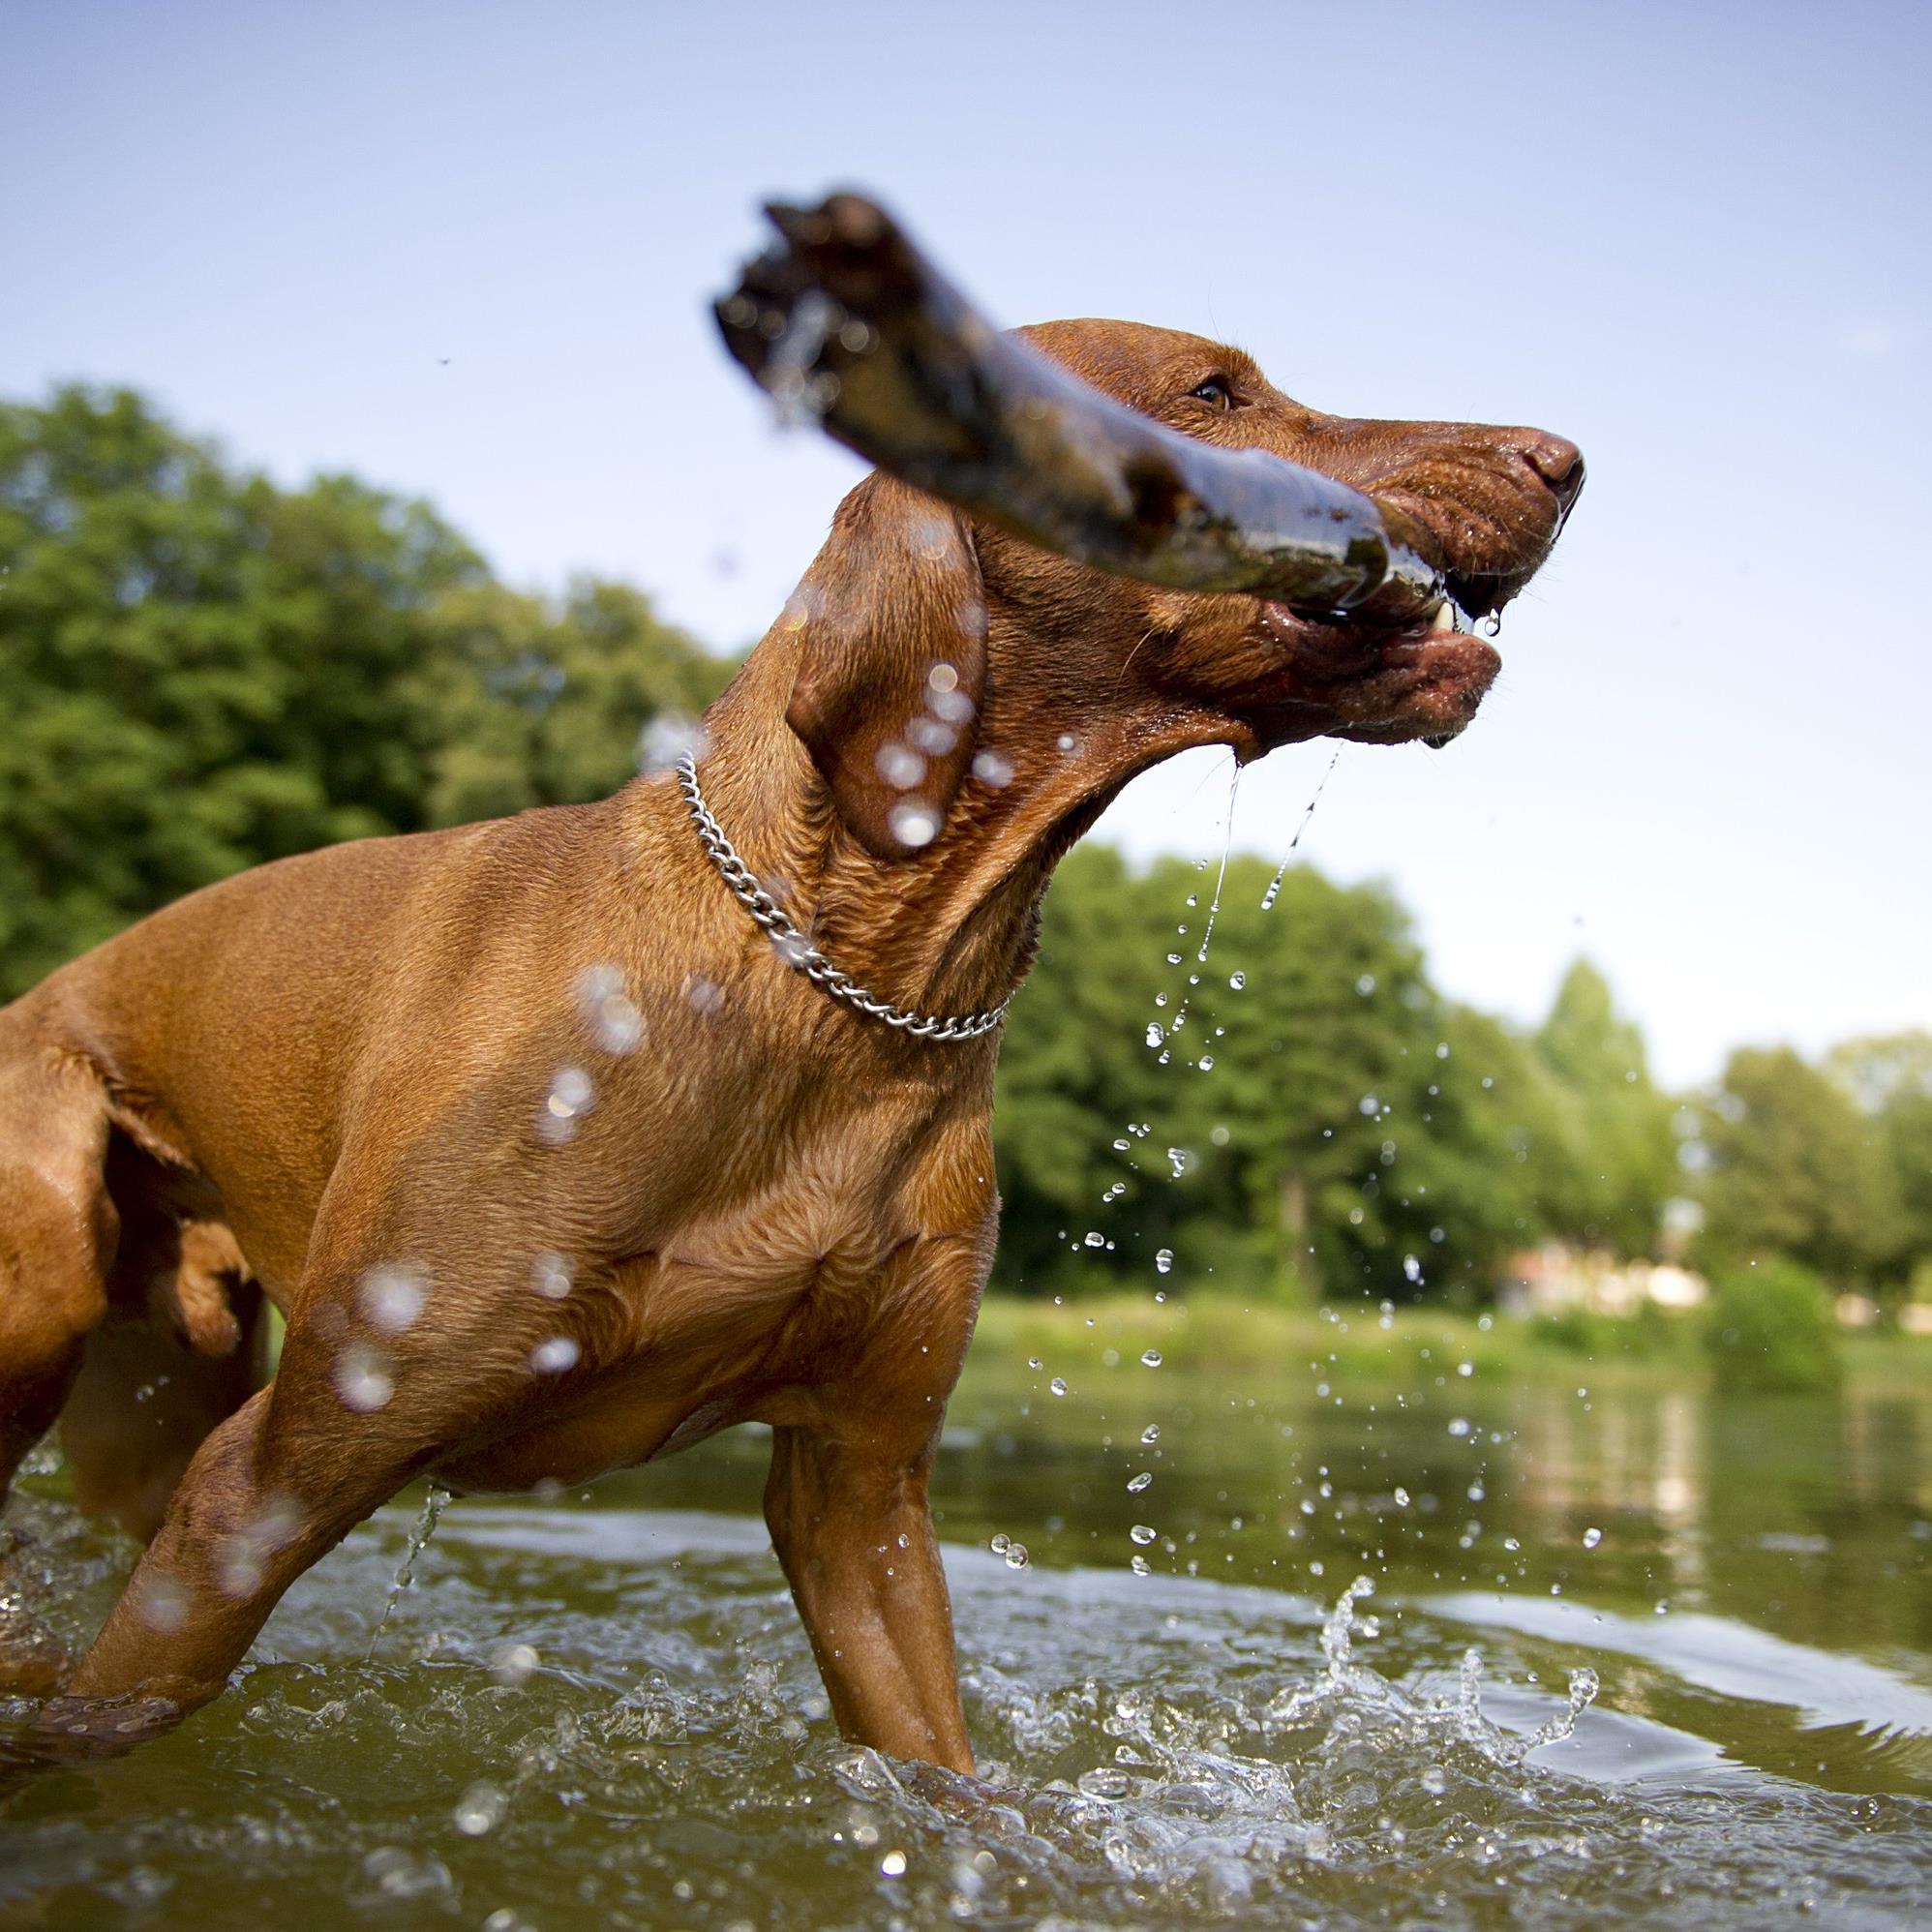 Stöckchenwerfen: Hunde können durch Holzsplitter schwer verletzt werden - Ärzte warnen.